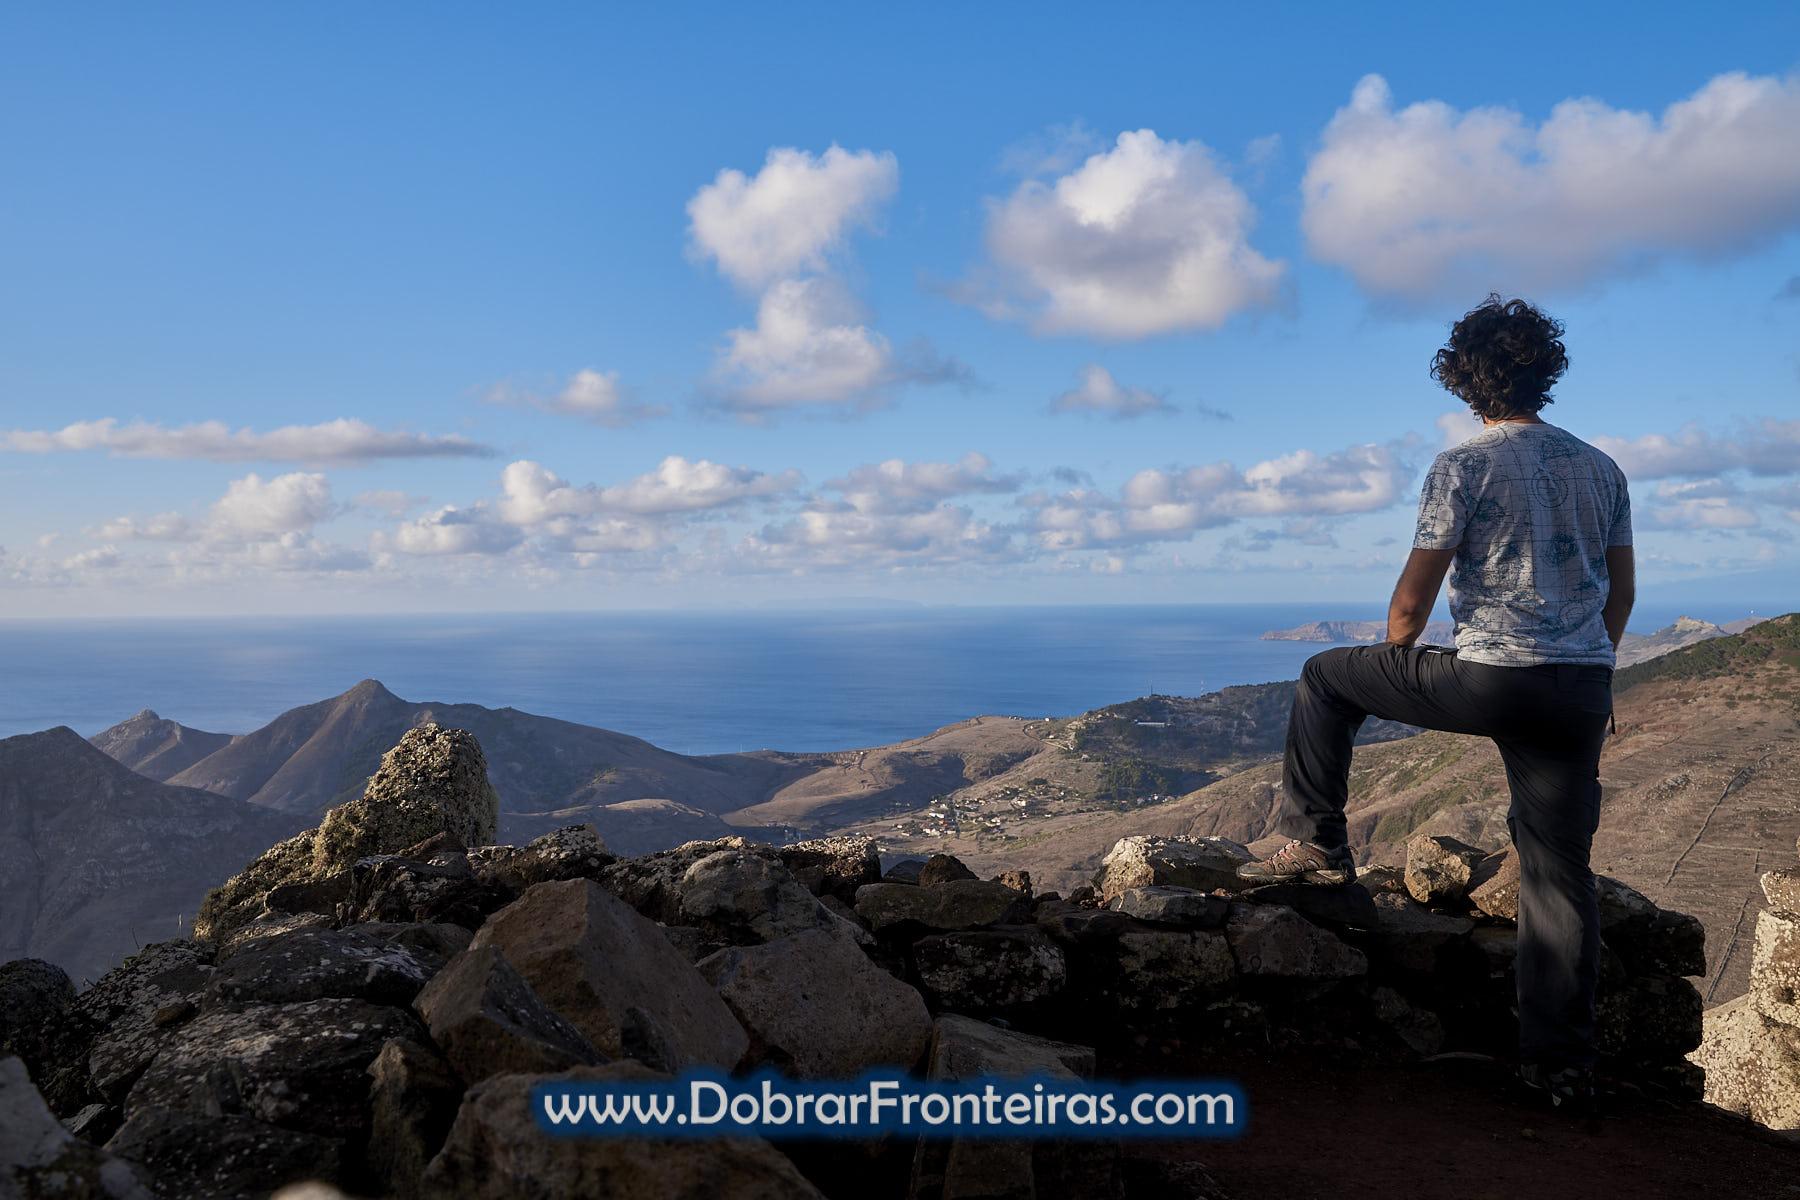 Caminhante a contemplar paisagem do Porto Santo no Picoo Branco